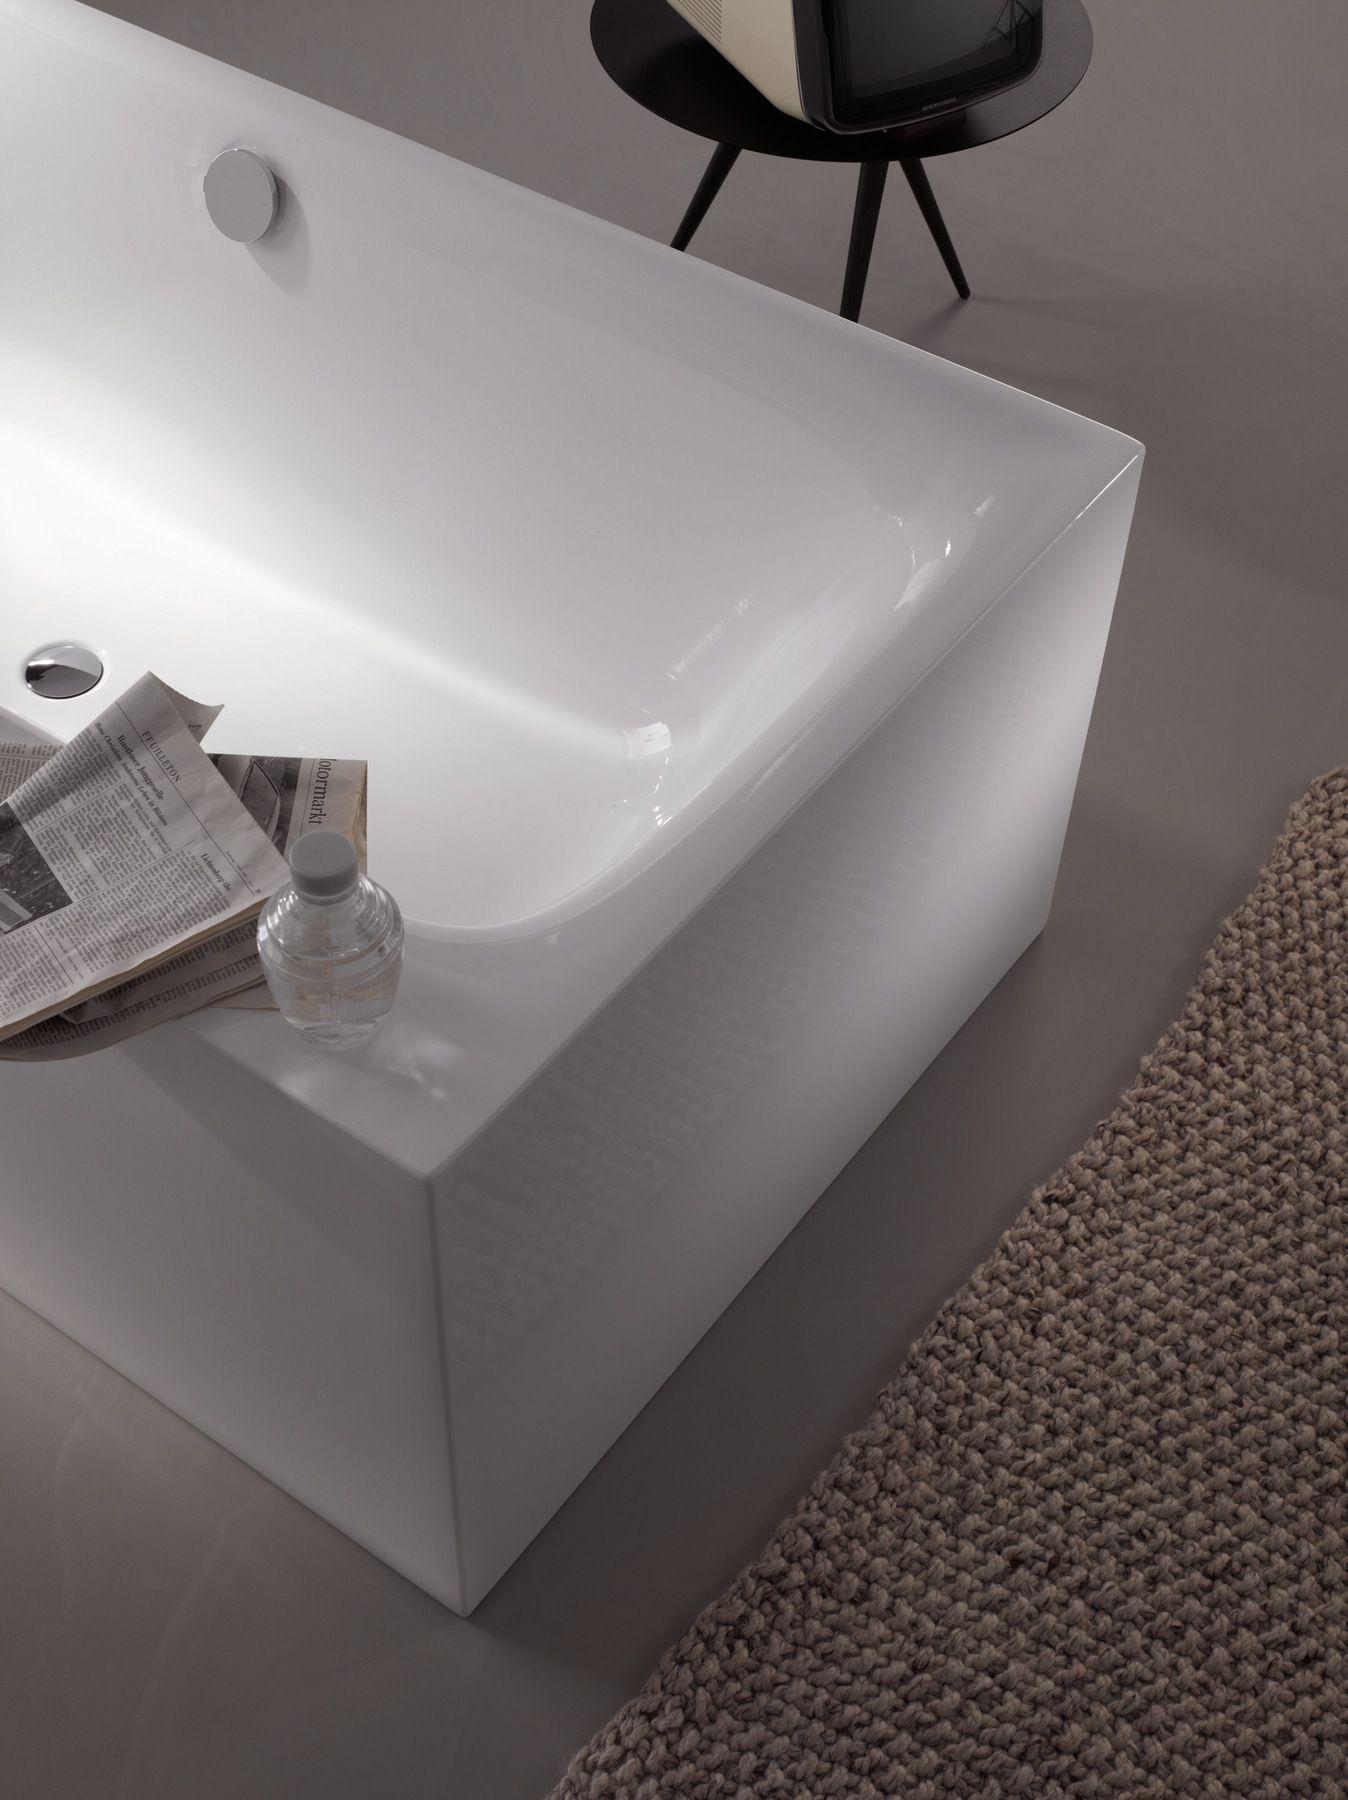 Vasca da bagno centro stanza in acciaio smaltato bettelux silhouette side by bette design - Vasche da bagno in acciaio smaltato ...